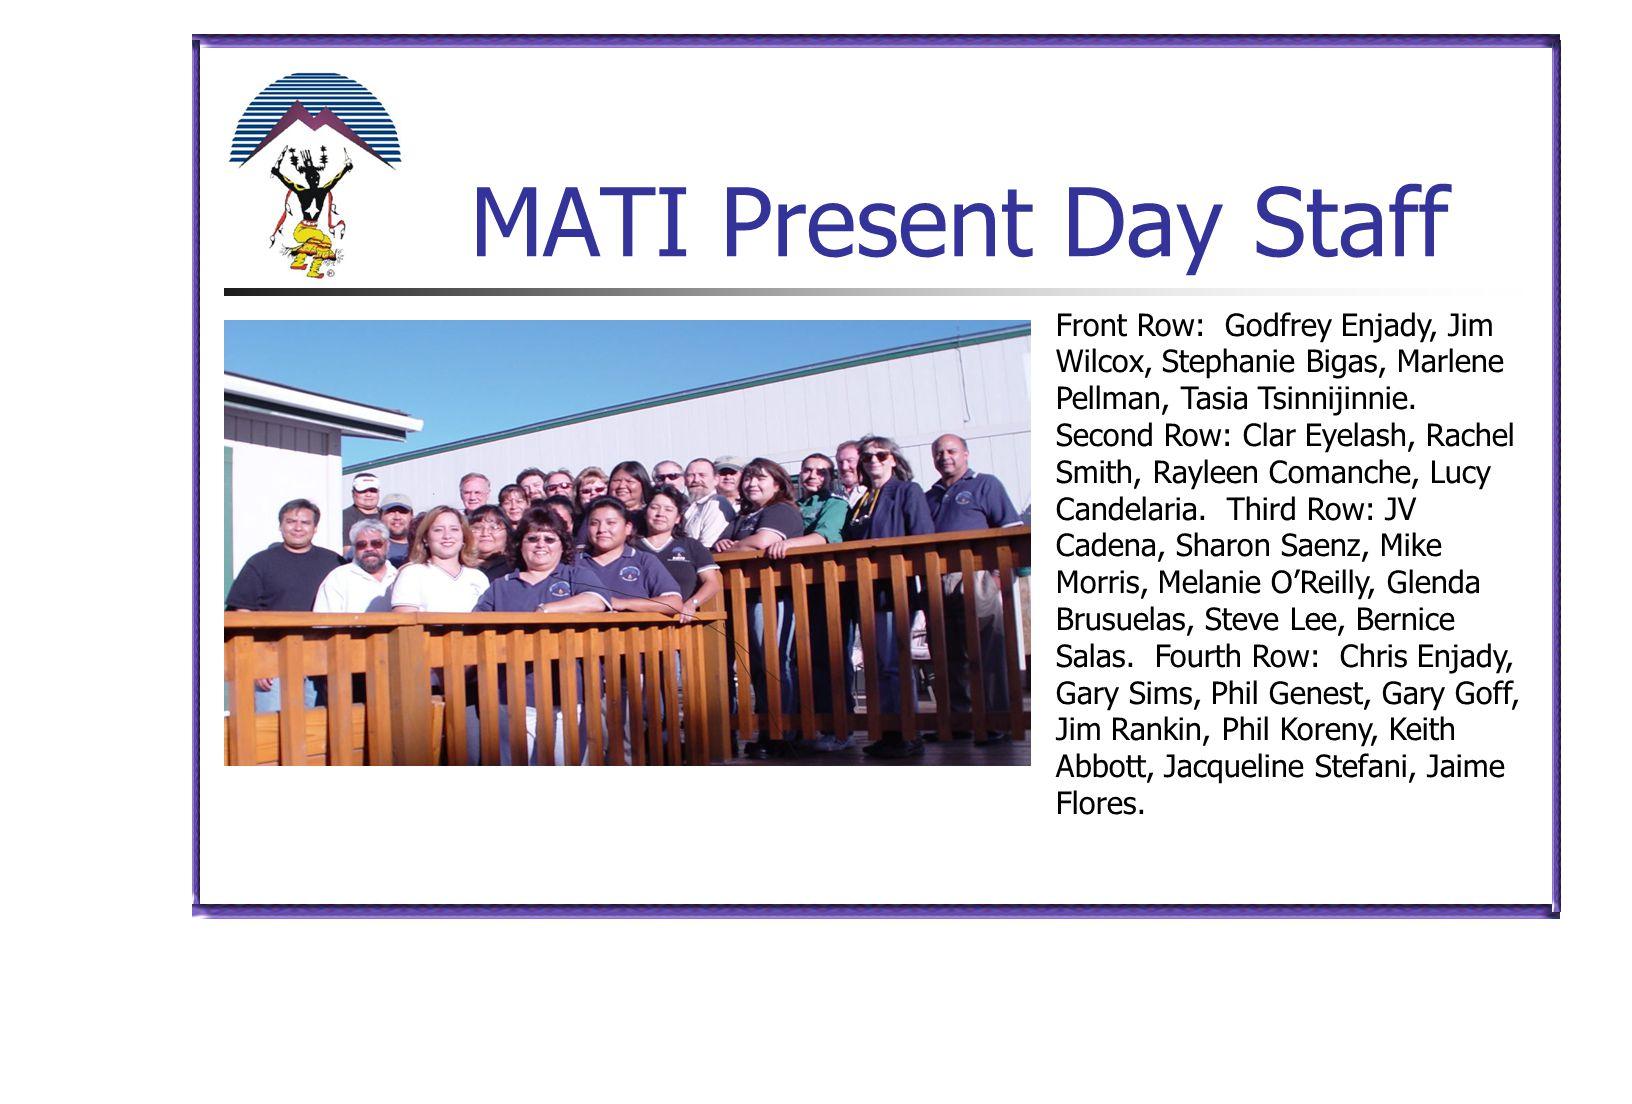 MATI Present Day Staff Front Row: Godfrey Enjady, Jim Wilcox, Stephanie Bigas, Marlene Pellman, Tasia Tsinnijinnie.